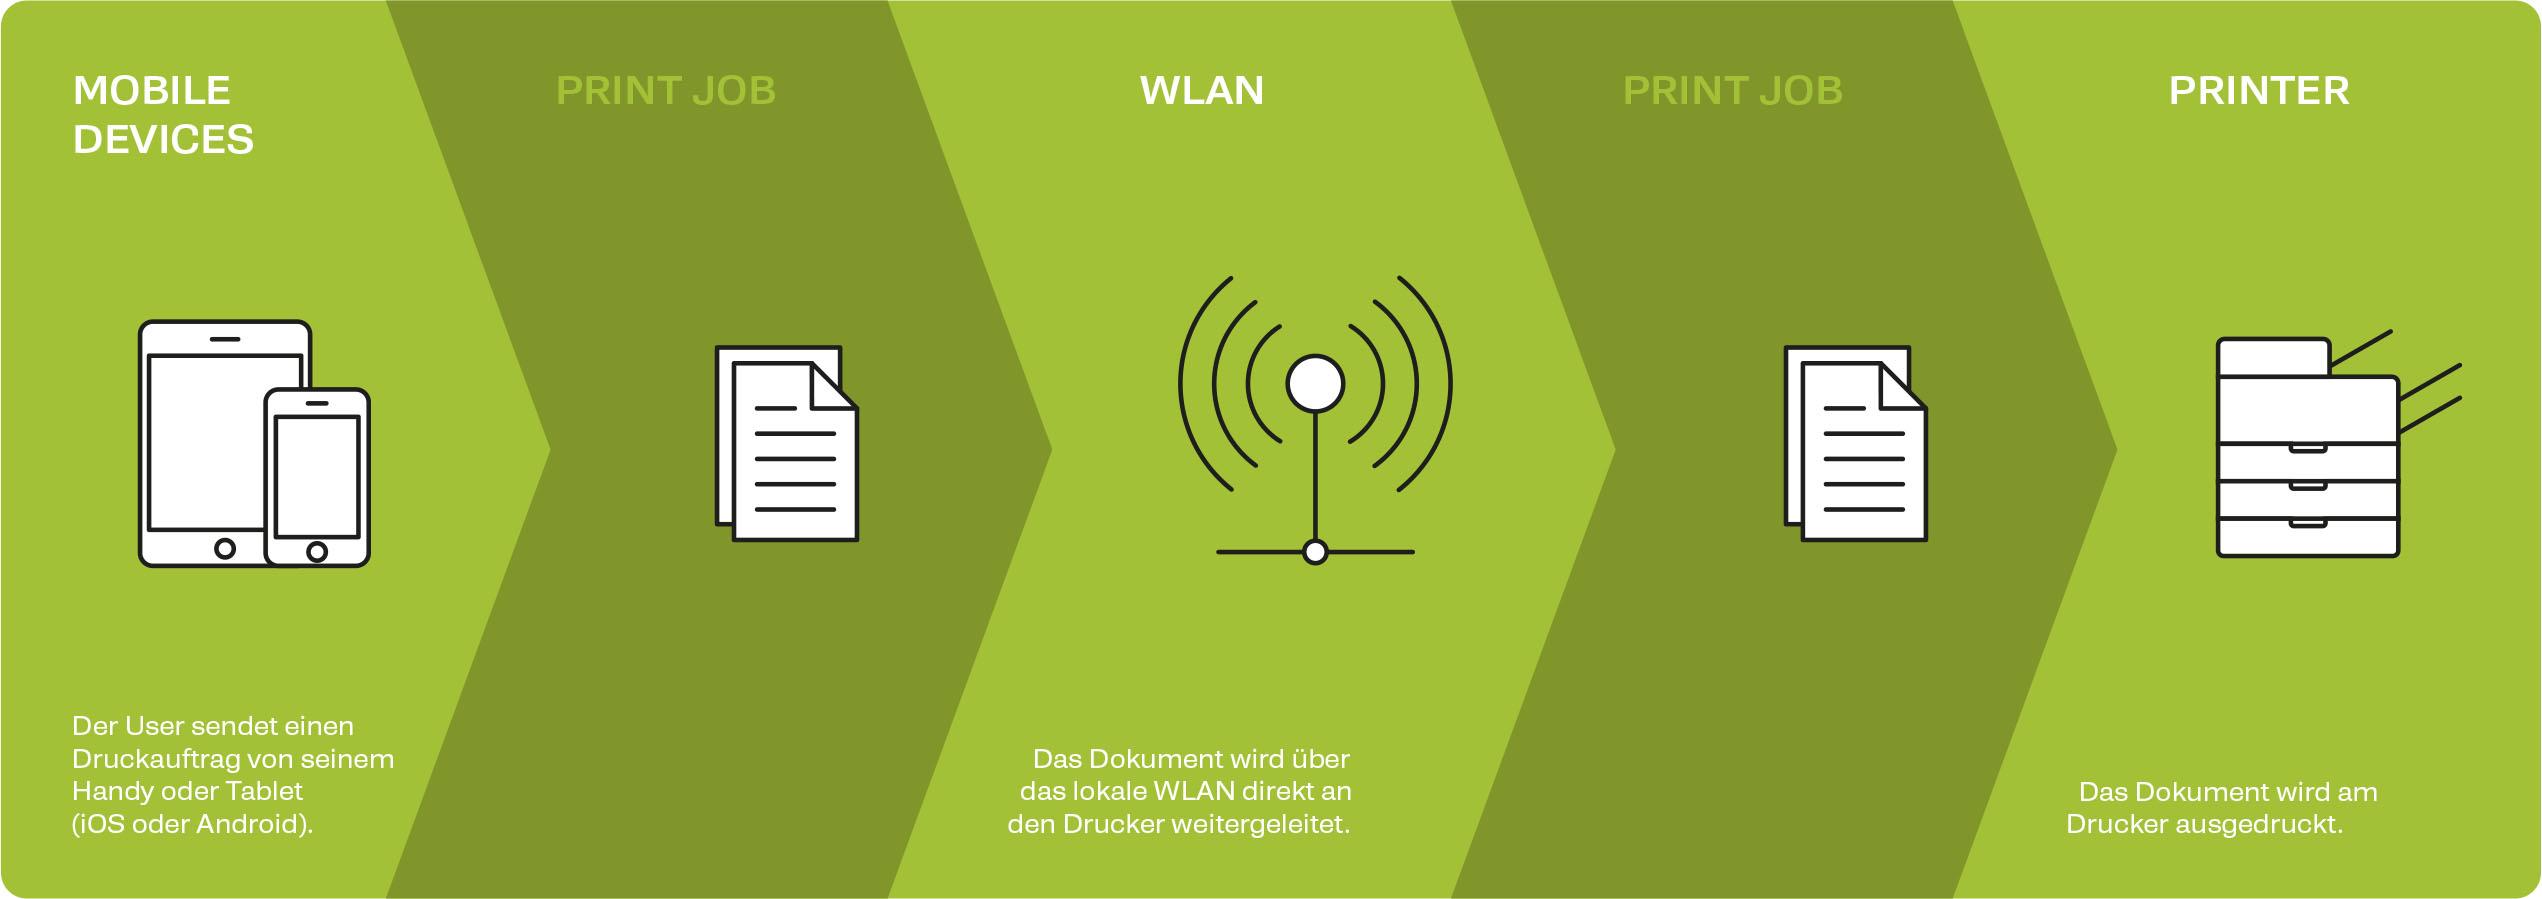 Mobile Printing - Waldis Printing Solutions